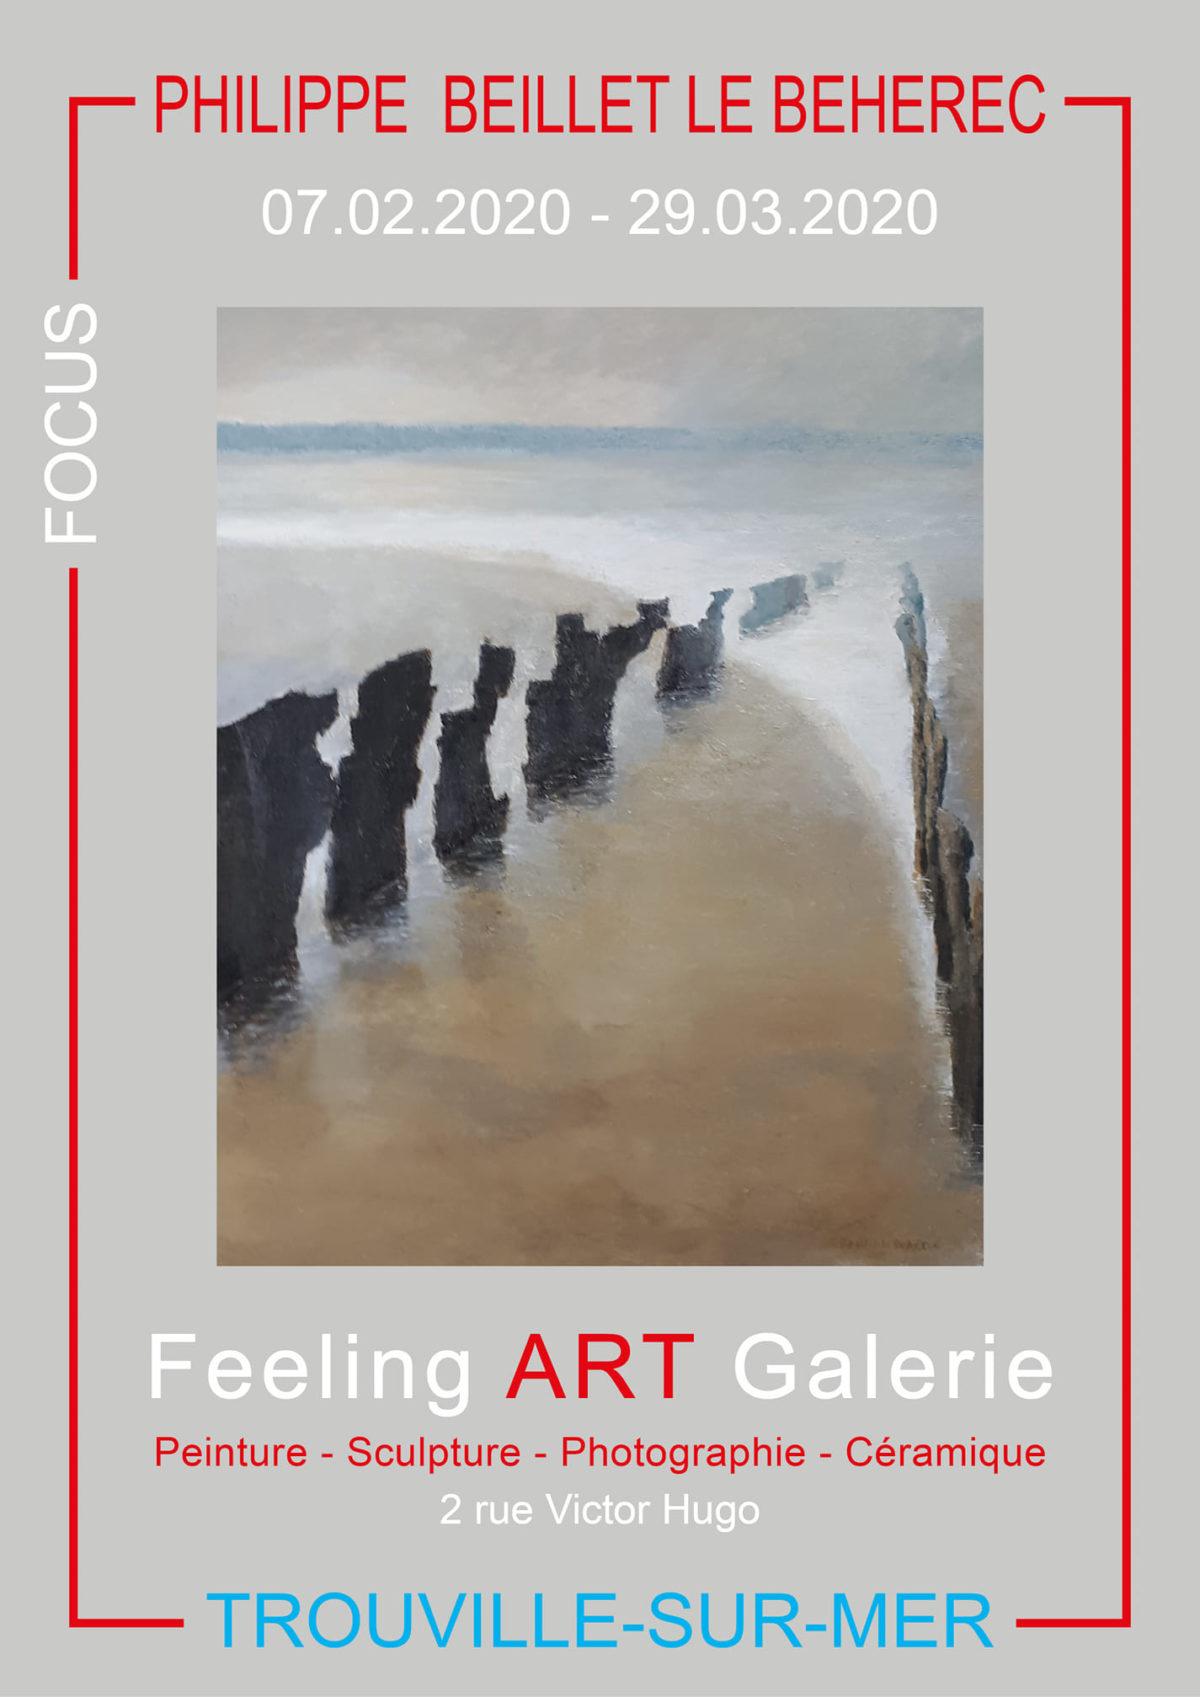 Feeling ART Galerie